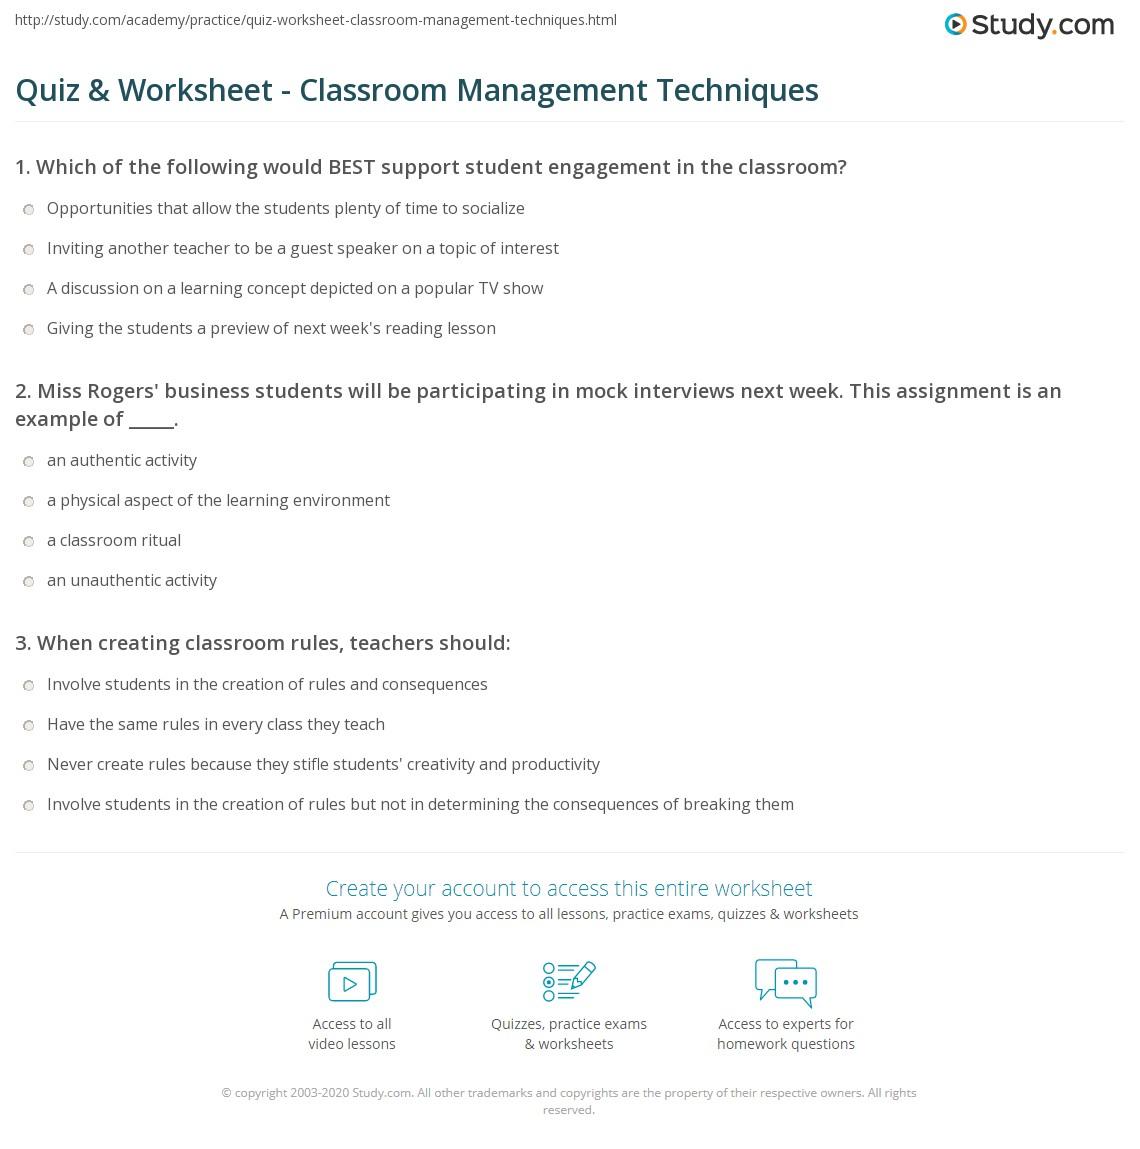 Uncategorized Divisibility Rules Worksheets uncategorized rules of divisibility worksheet bidwellranchcam class best quiz classroom management techniques studycom